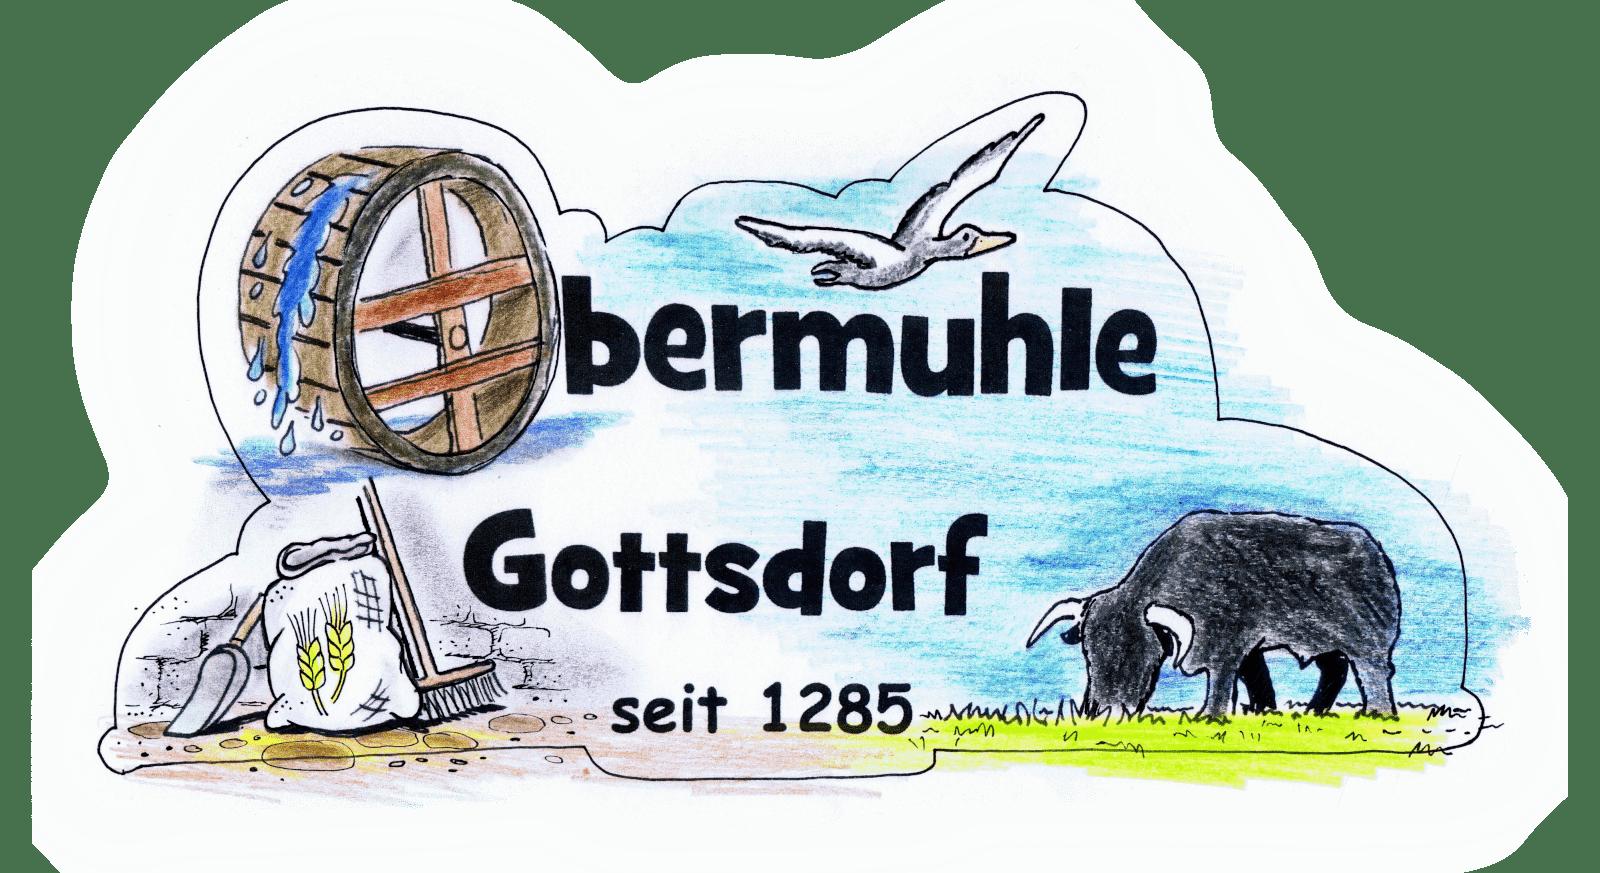 Obermühle Gottsdorf